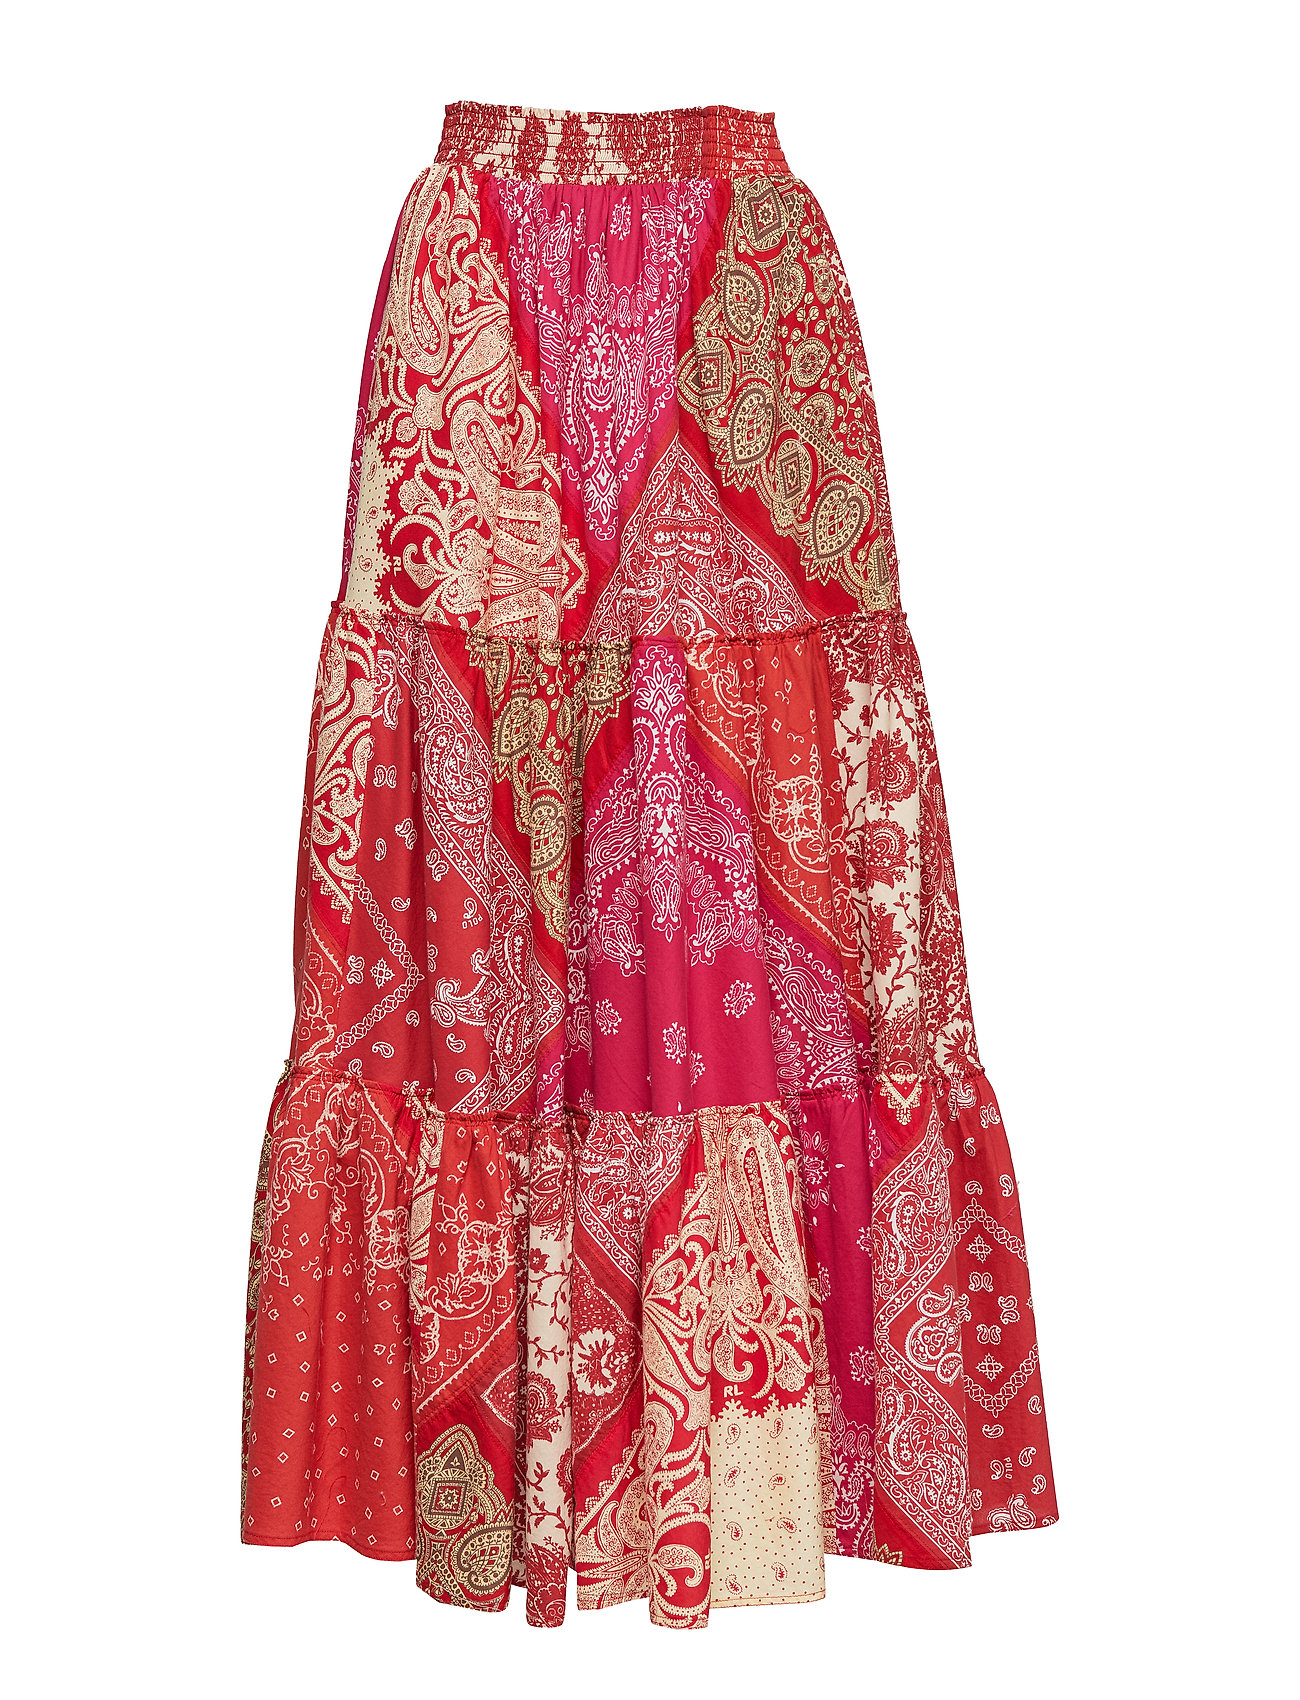 Polo Ralph Lauren Bandanna-Print Maxiskirt - RED BANDANA PRINT